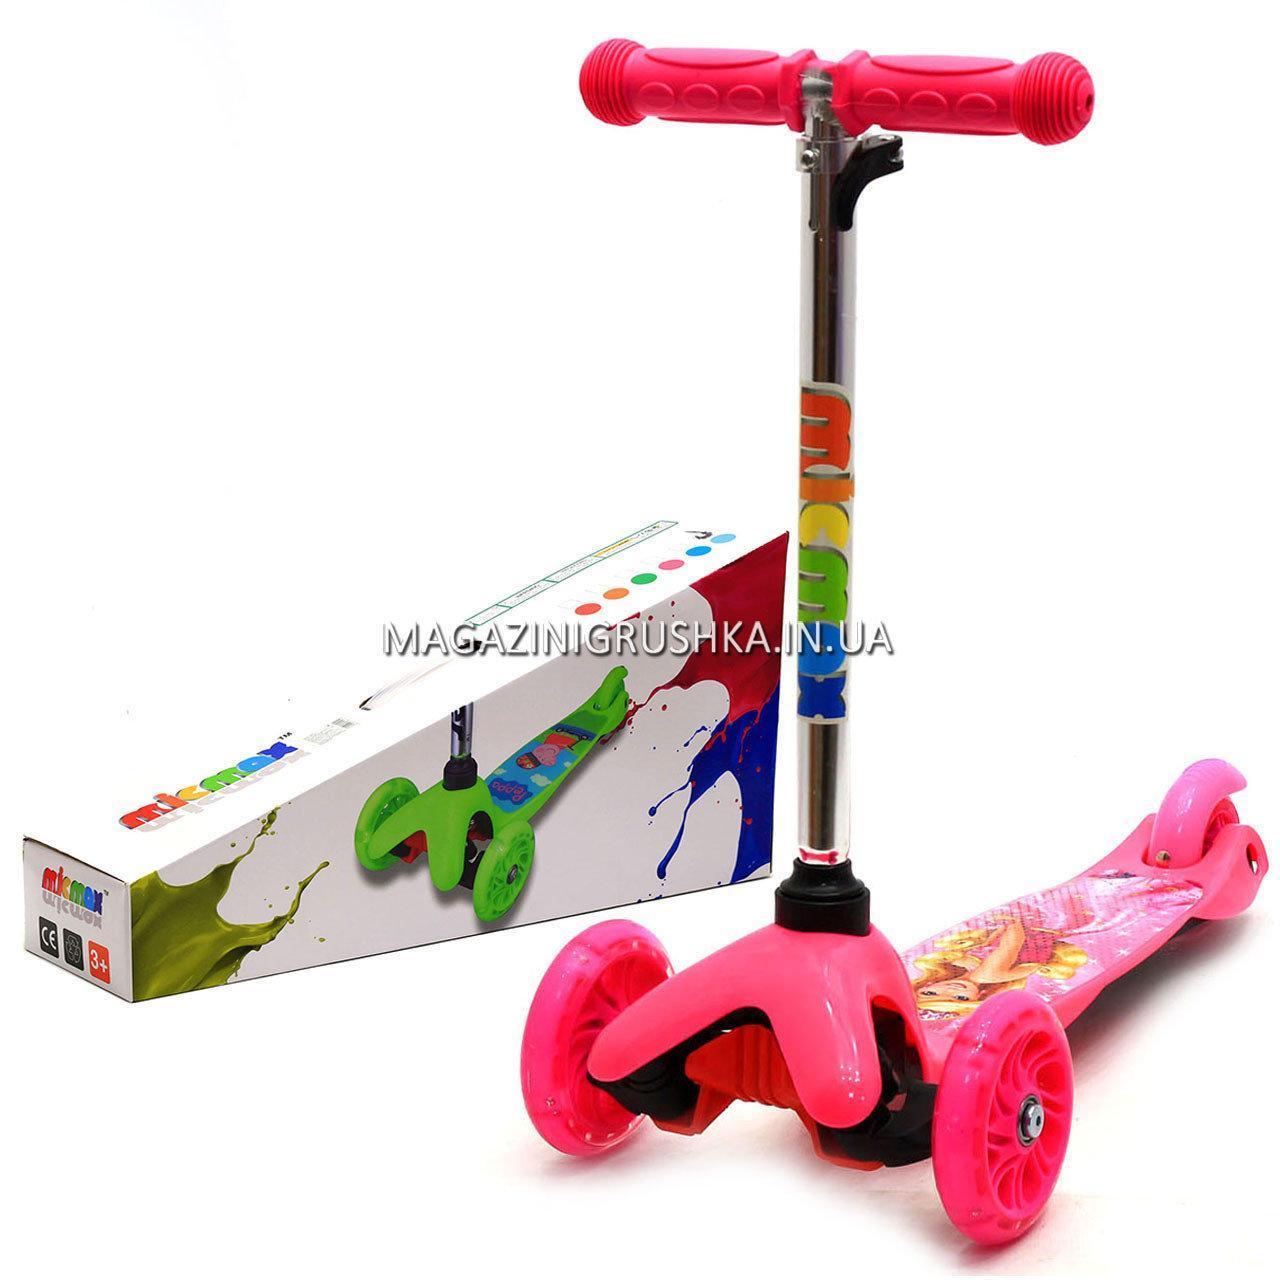 Детский транспорт Самокат с героями мультфильмов 17062 светящиеся колеса - Барби